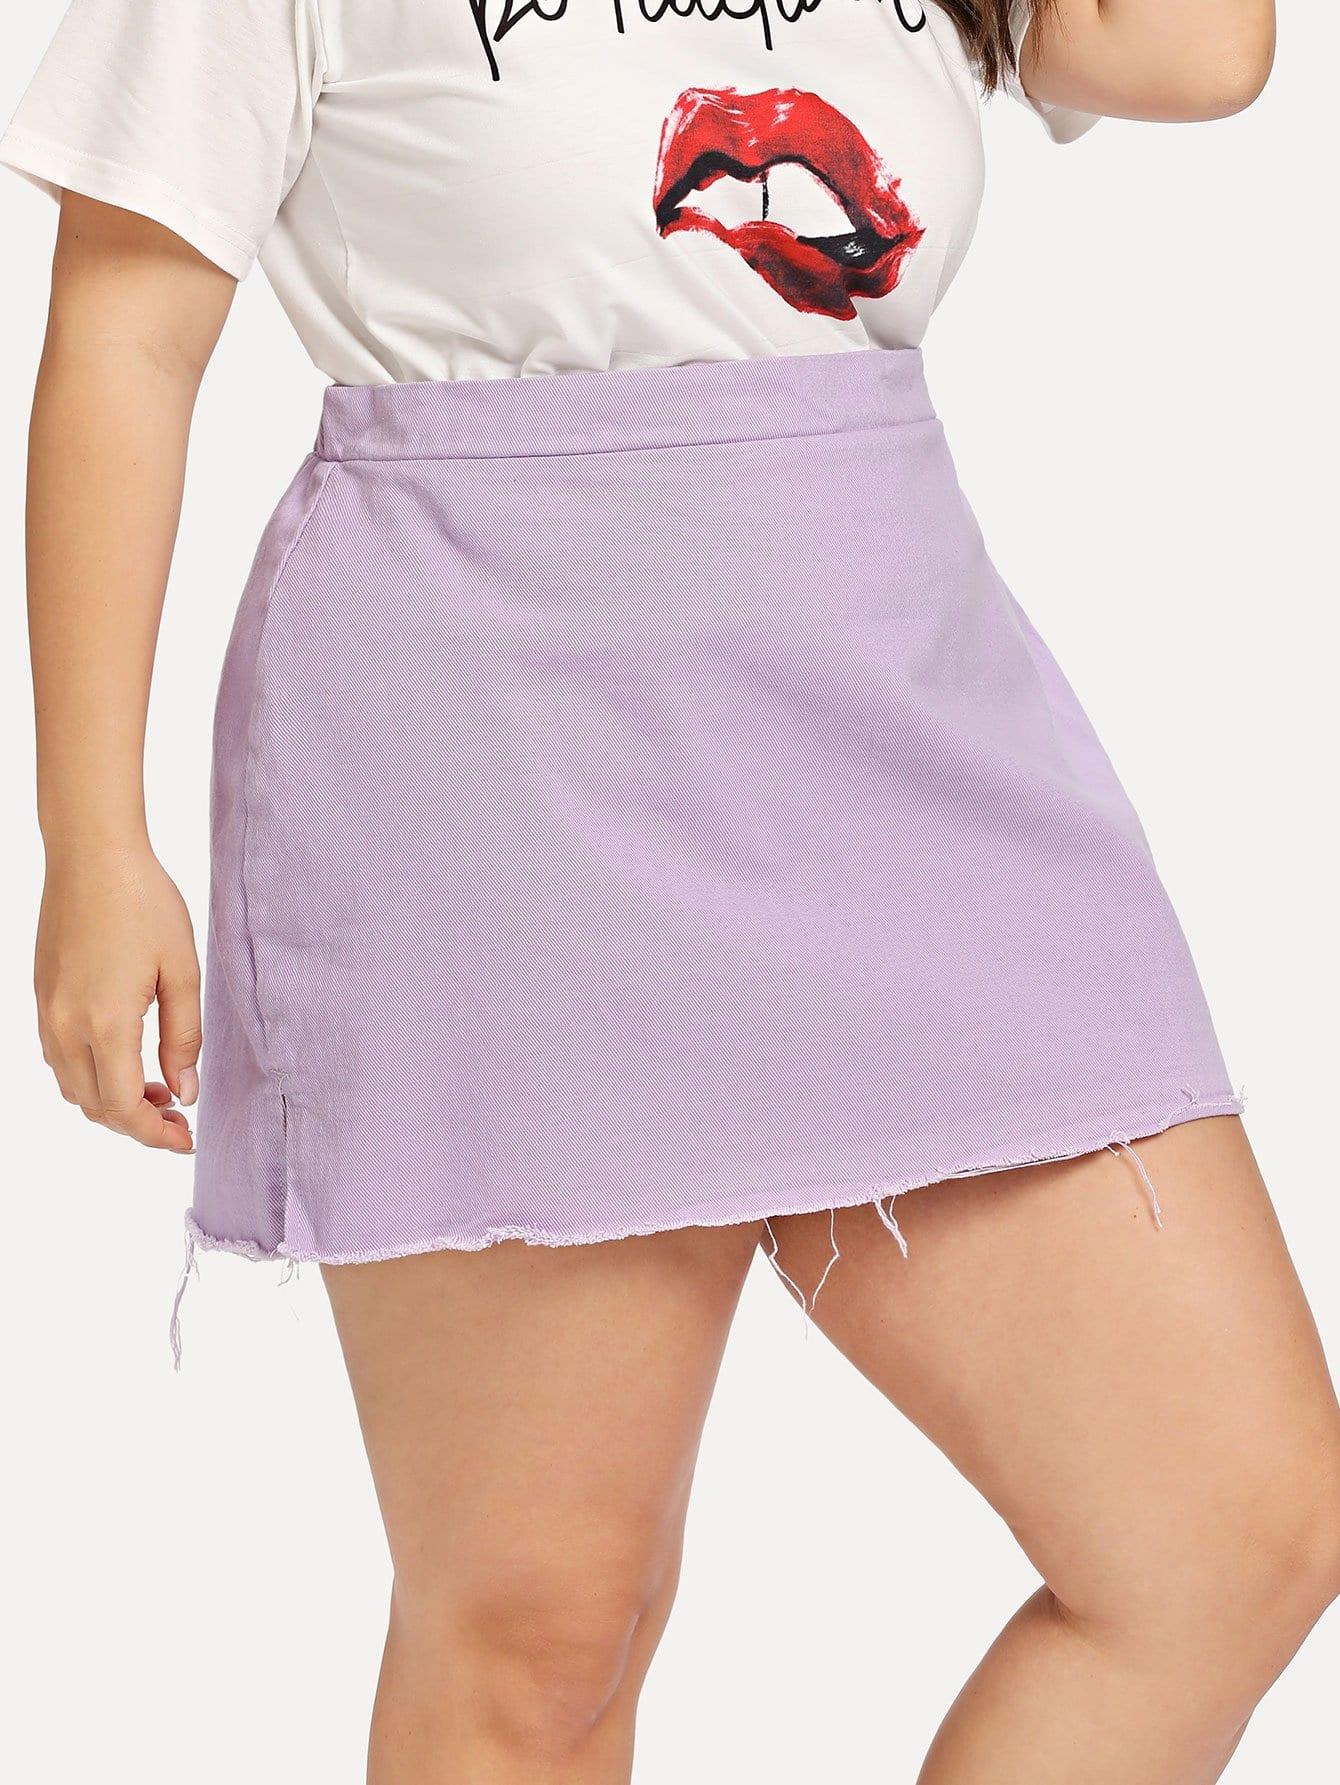 Slit Side Raw Hem Denim Skirt girls single breasted raw hem skirt